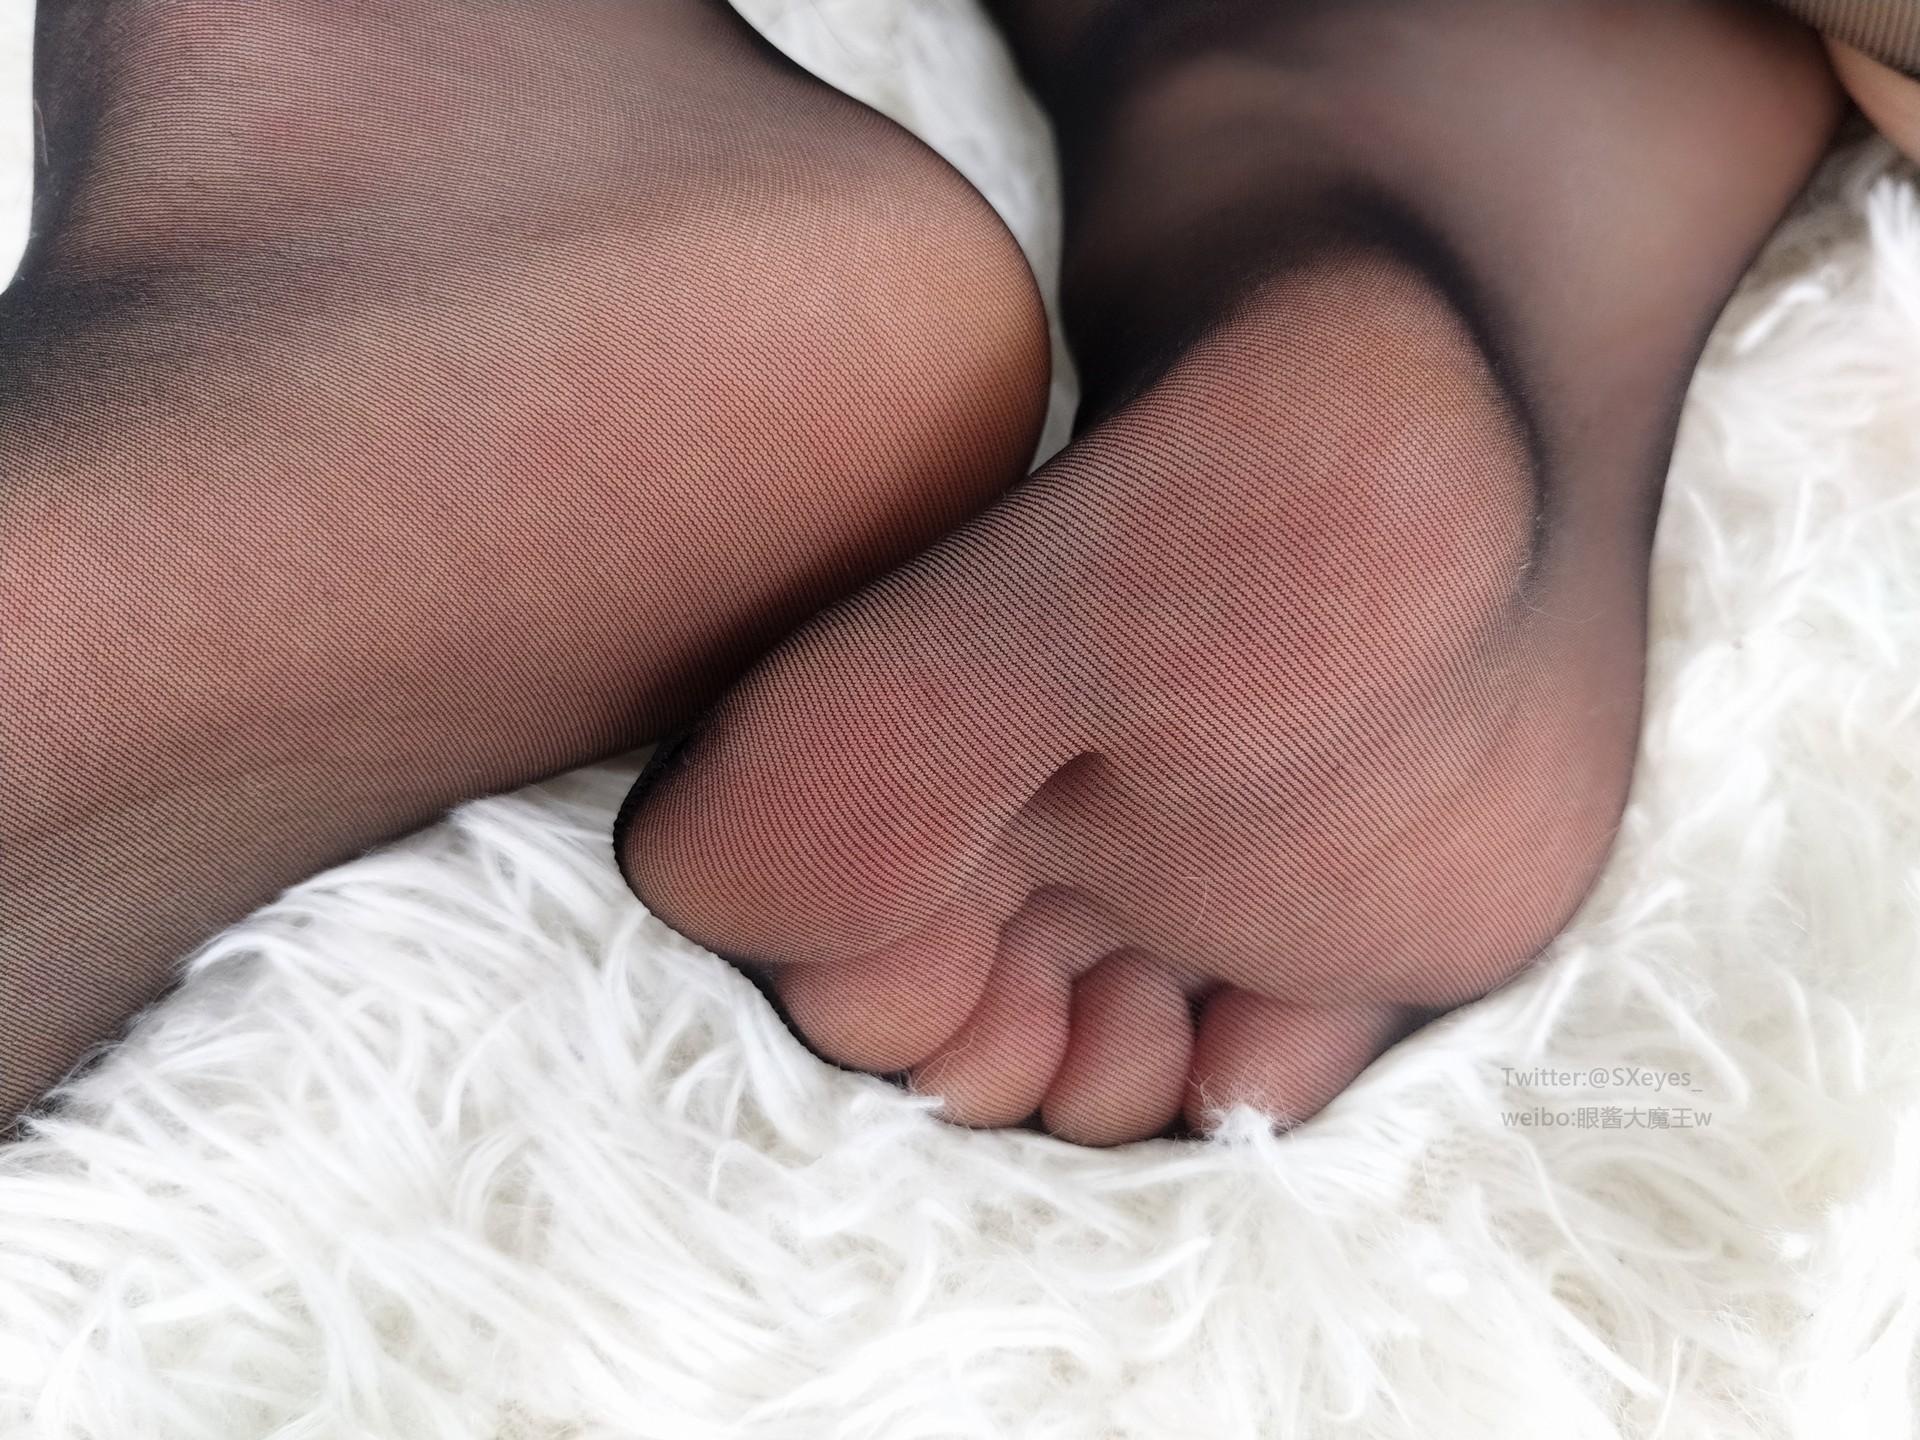 [眼酱大魔王 w]黑丝美臀 腿控领域